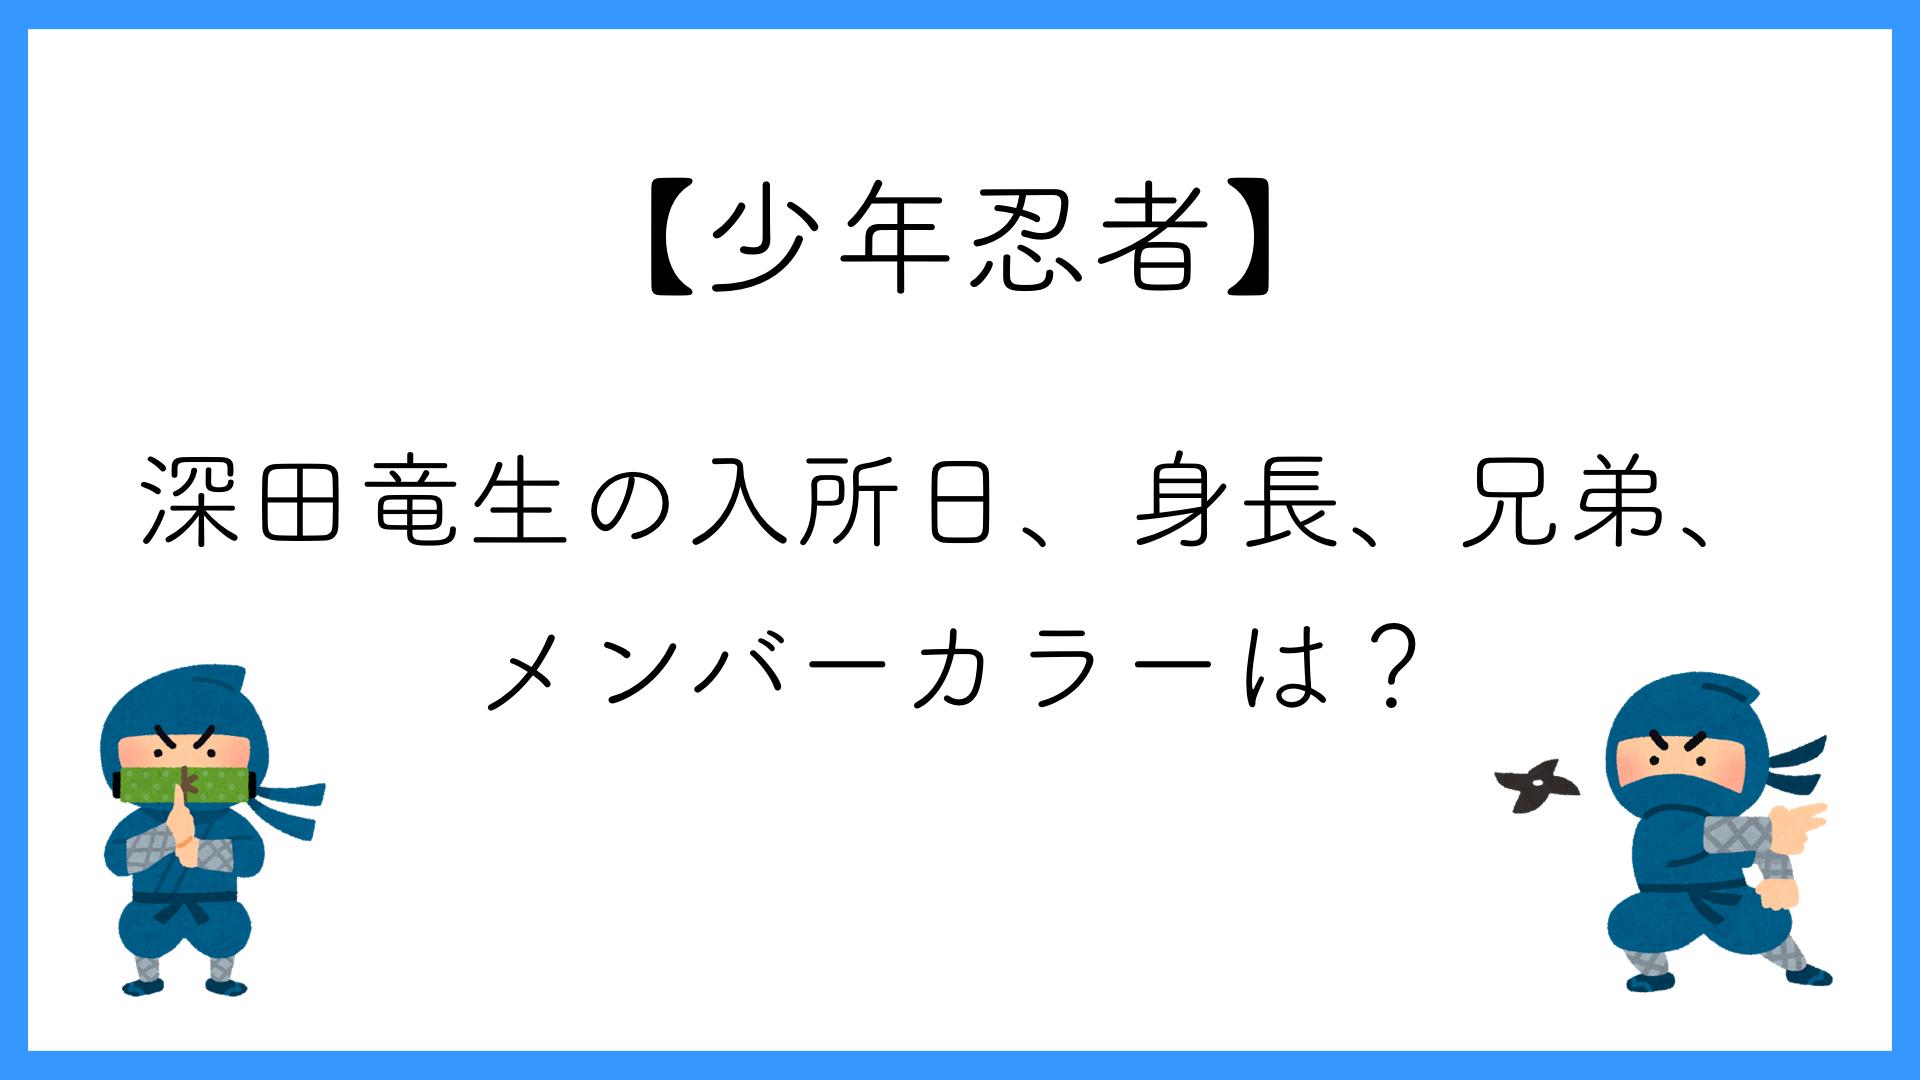 【少年忍者】深田竜生の入所日、身長、兄弟、メンバーカラーは?